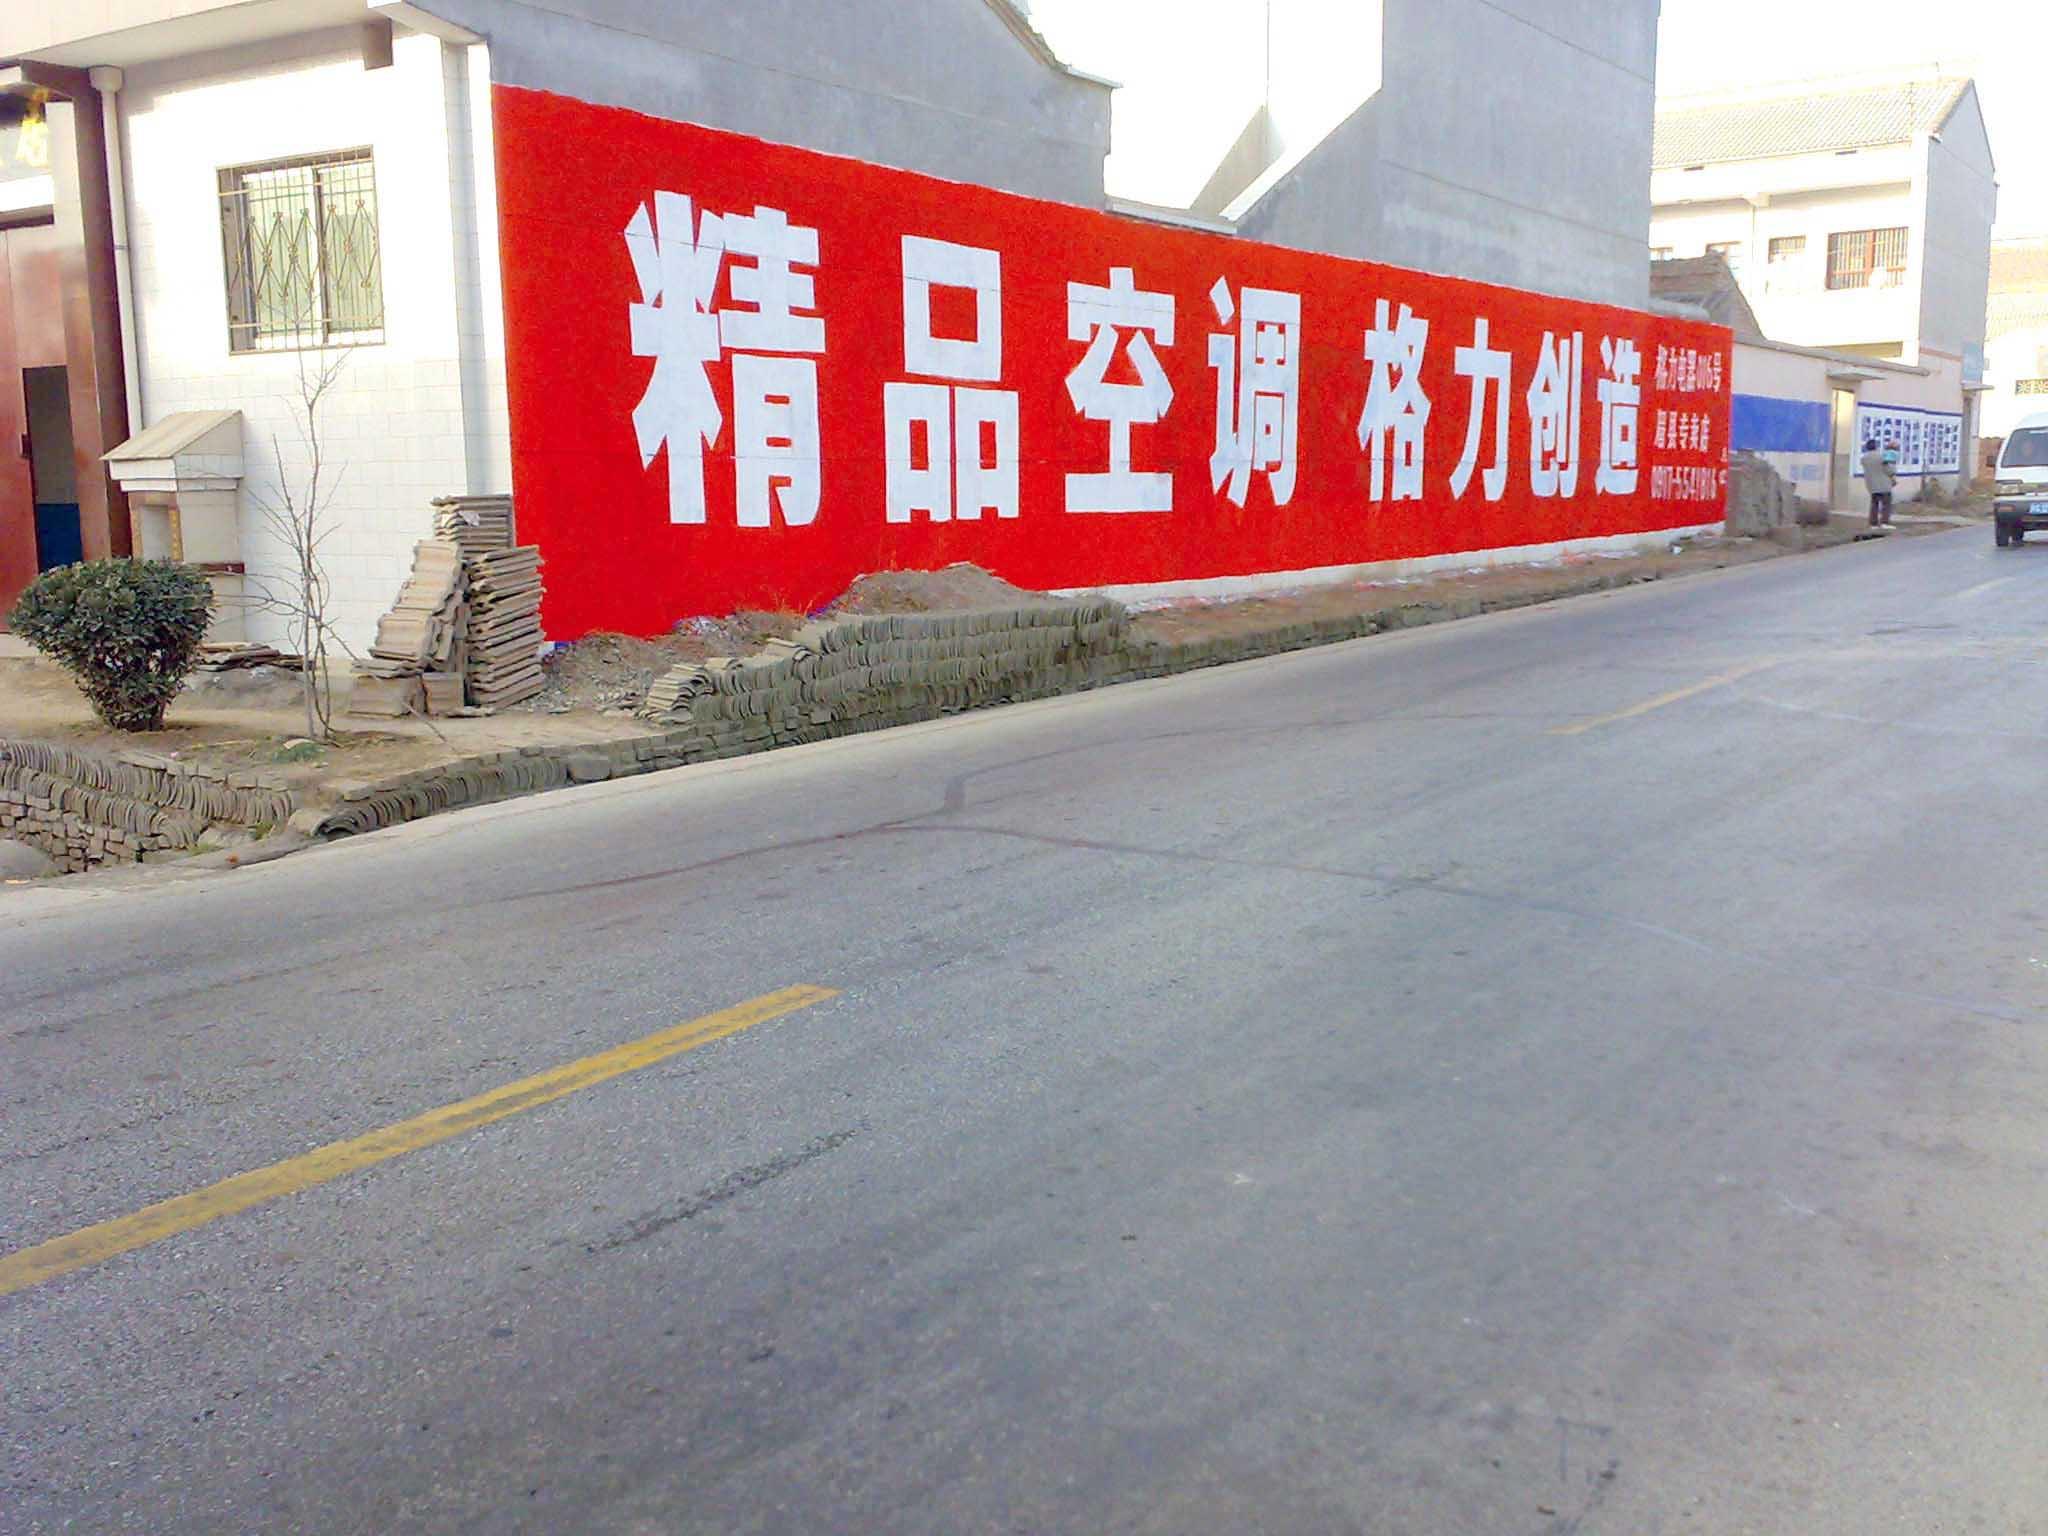 亿达墙体广告4006-029-088